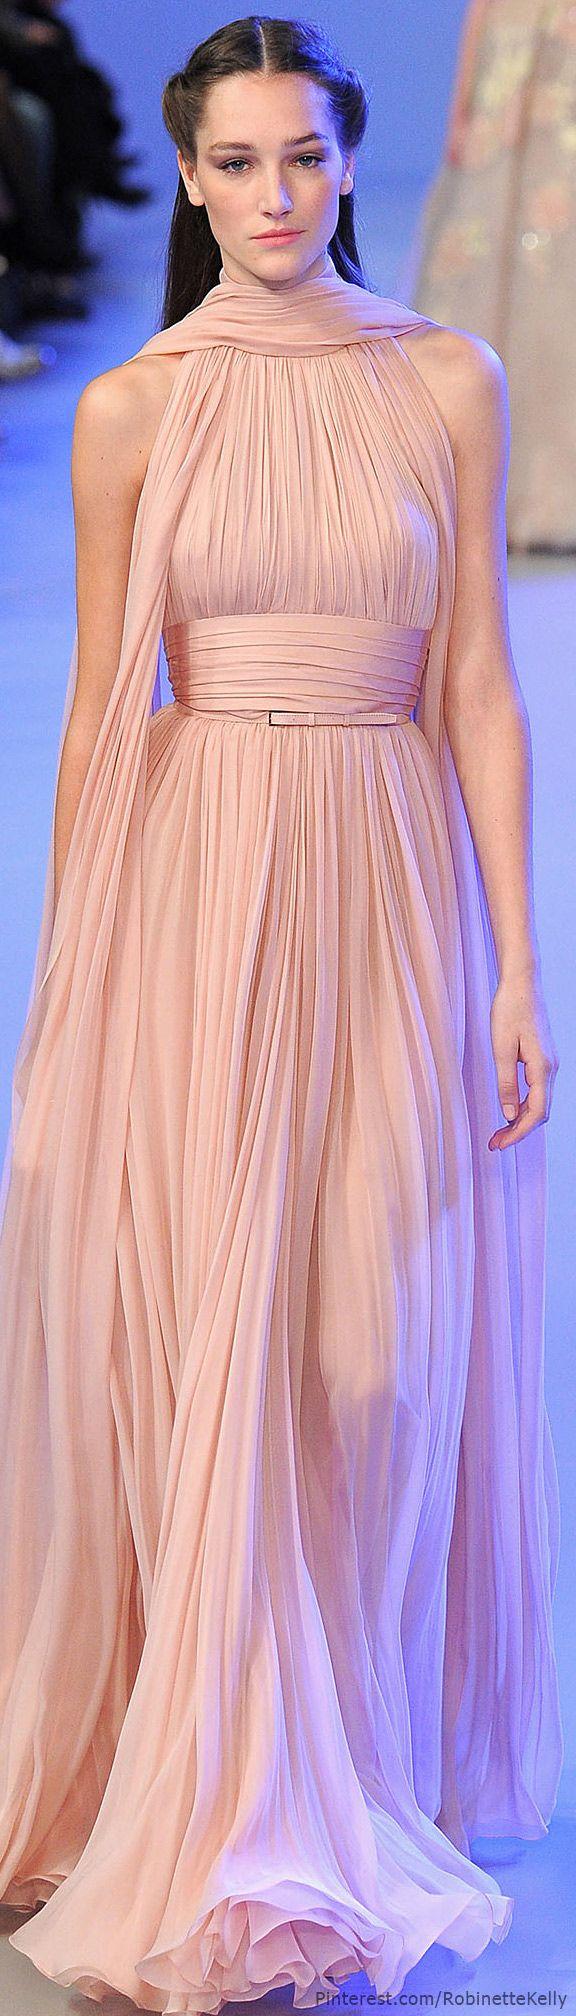 Elie Saab Haute Couture | S/S 2014 | Dresses | Pinterest ...